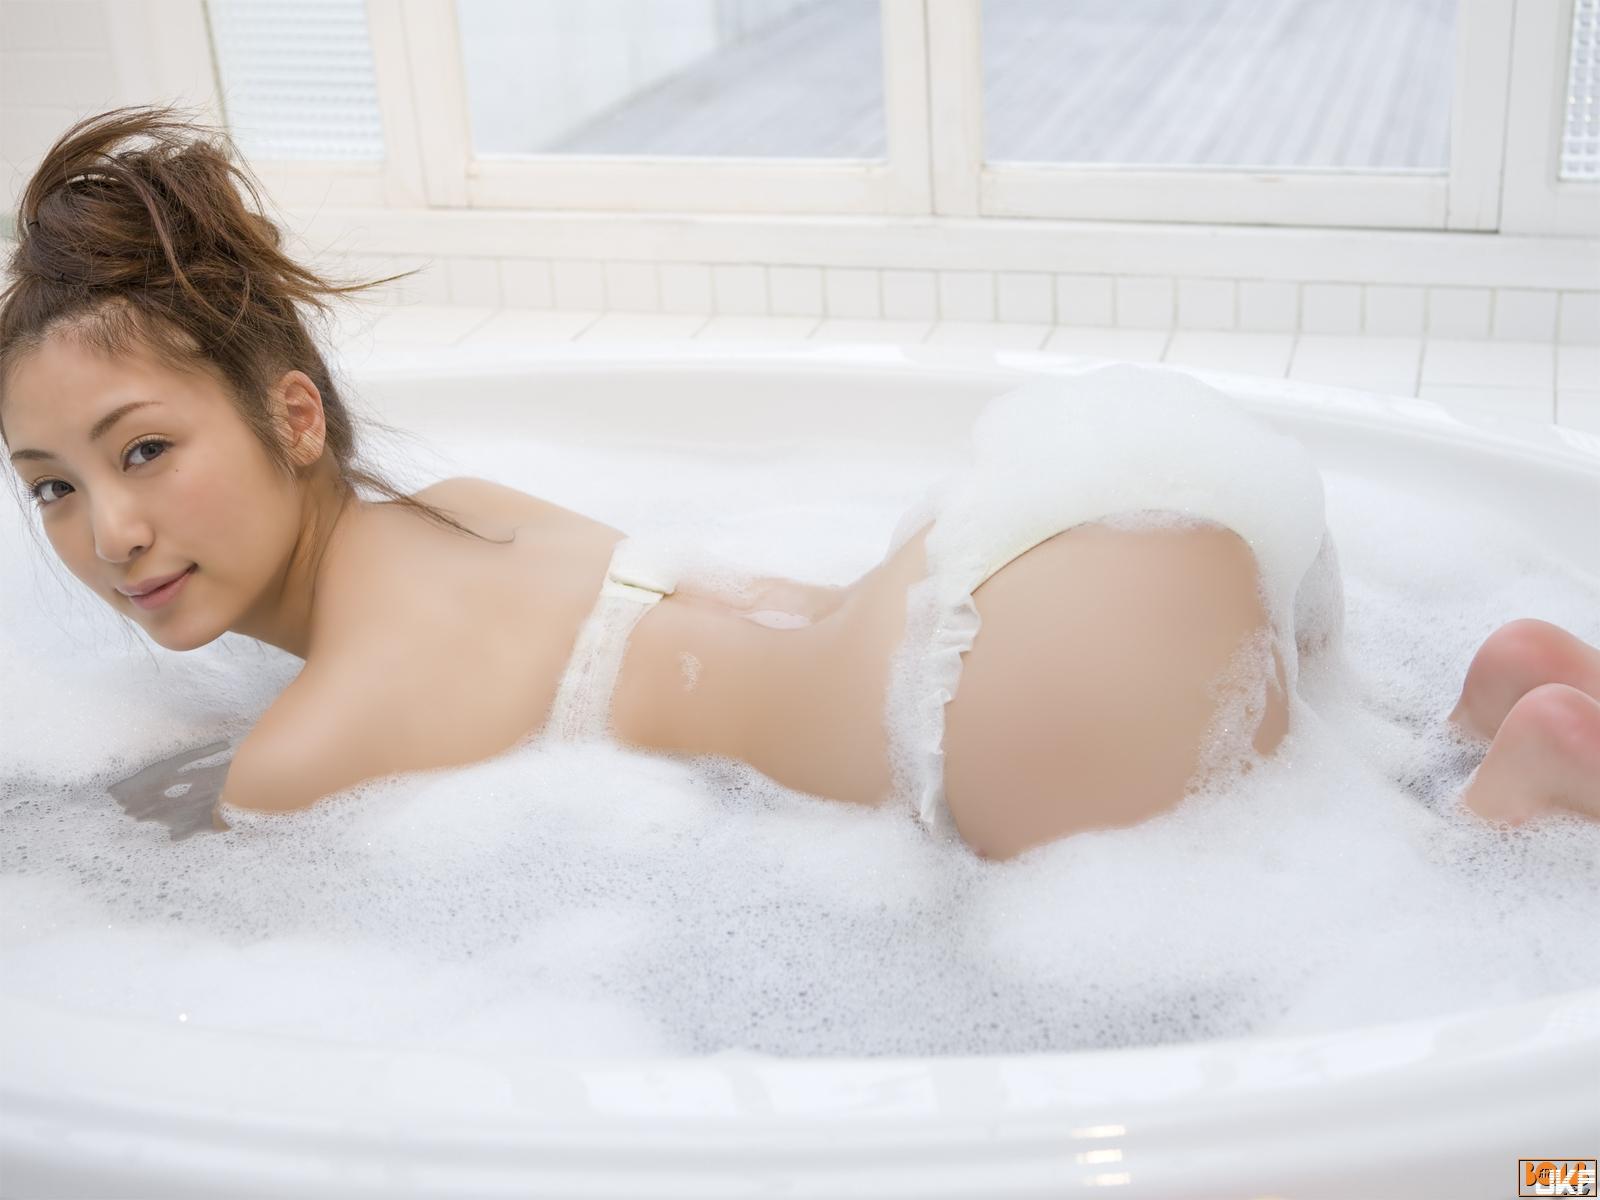 tatsumi-natsuko-863196.jpg